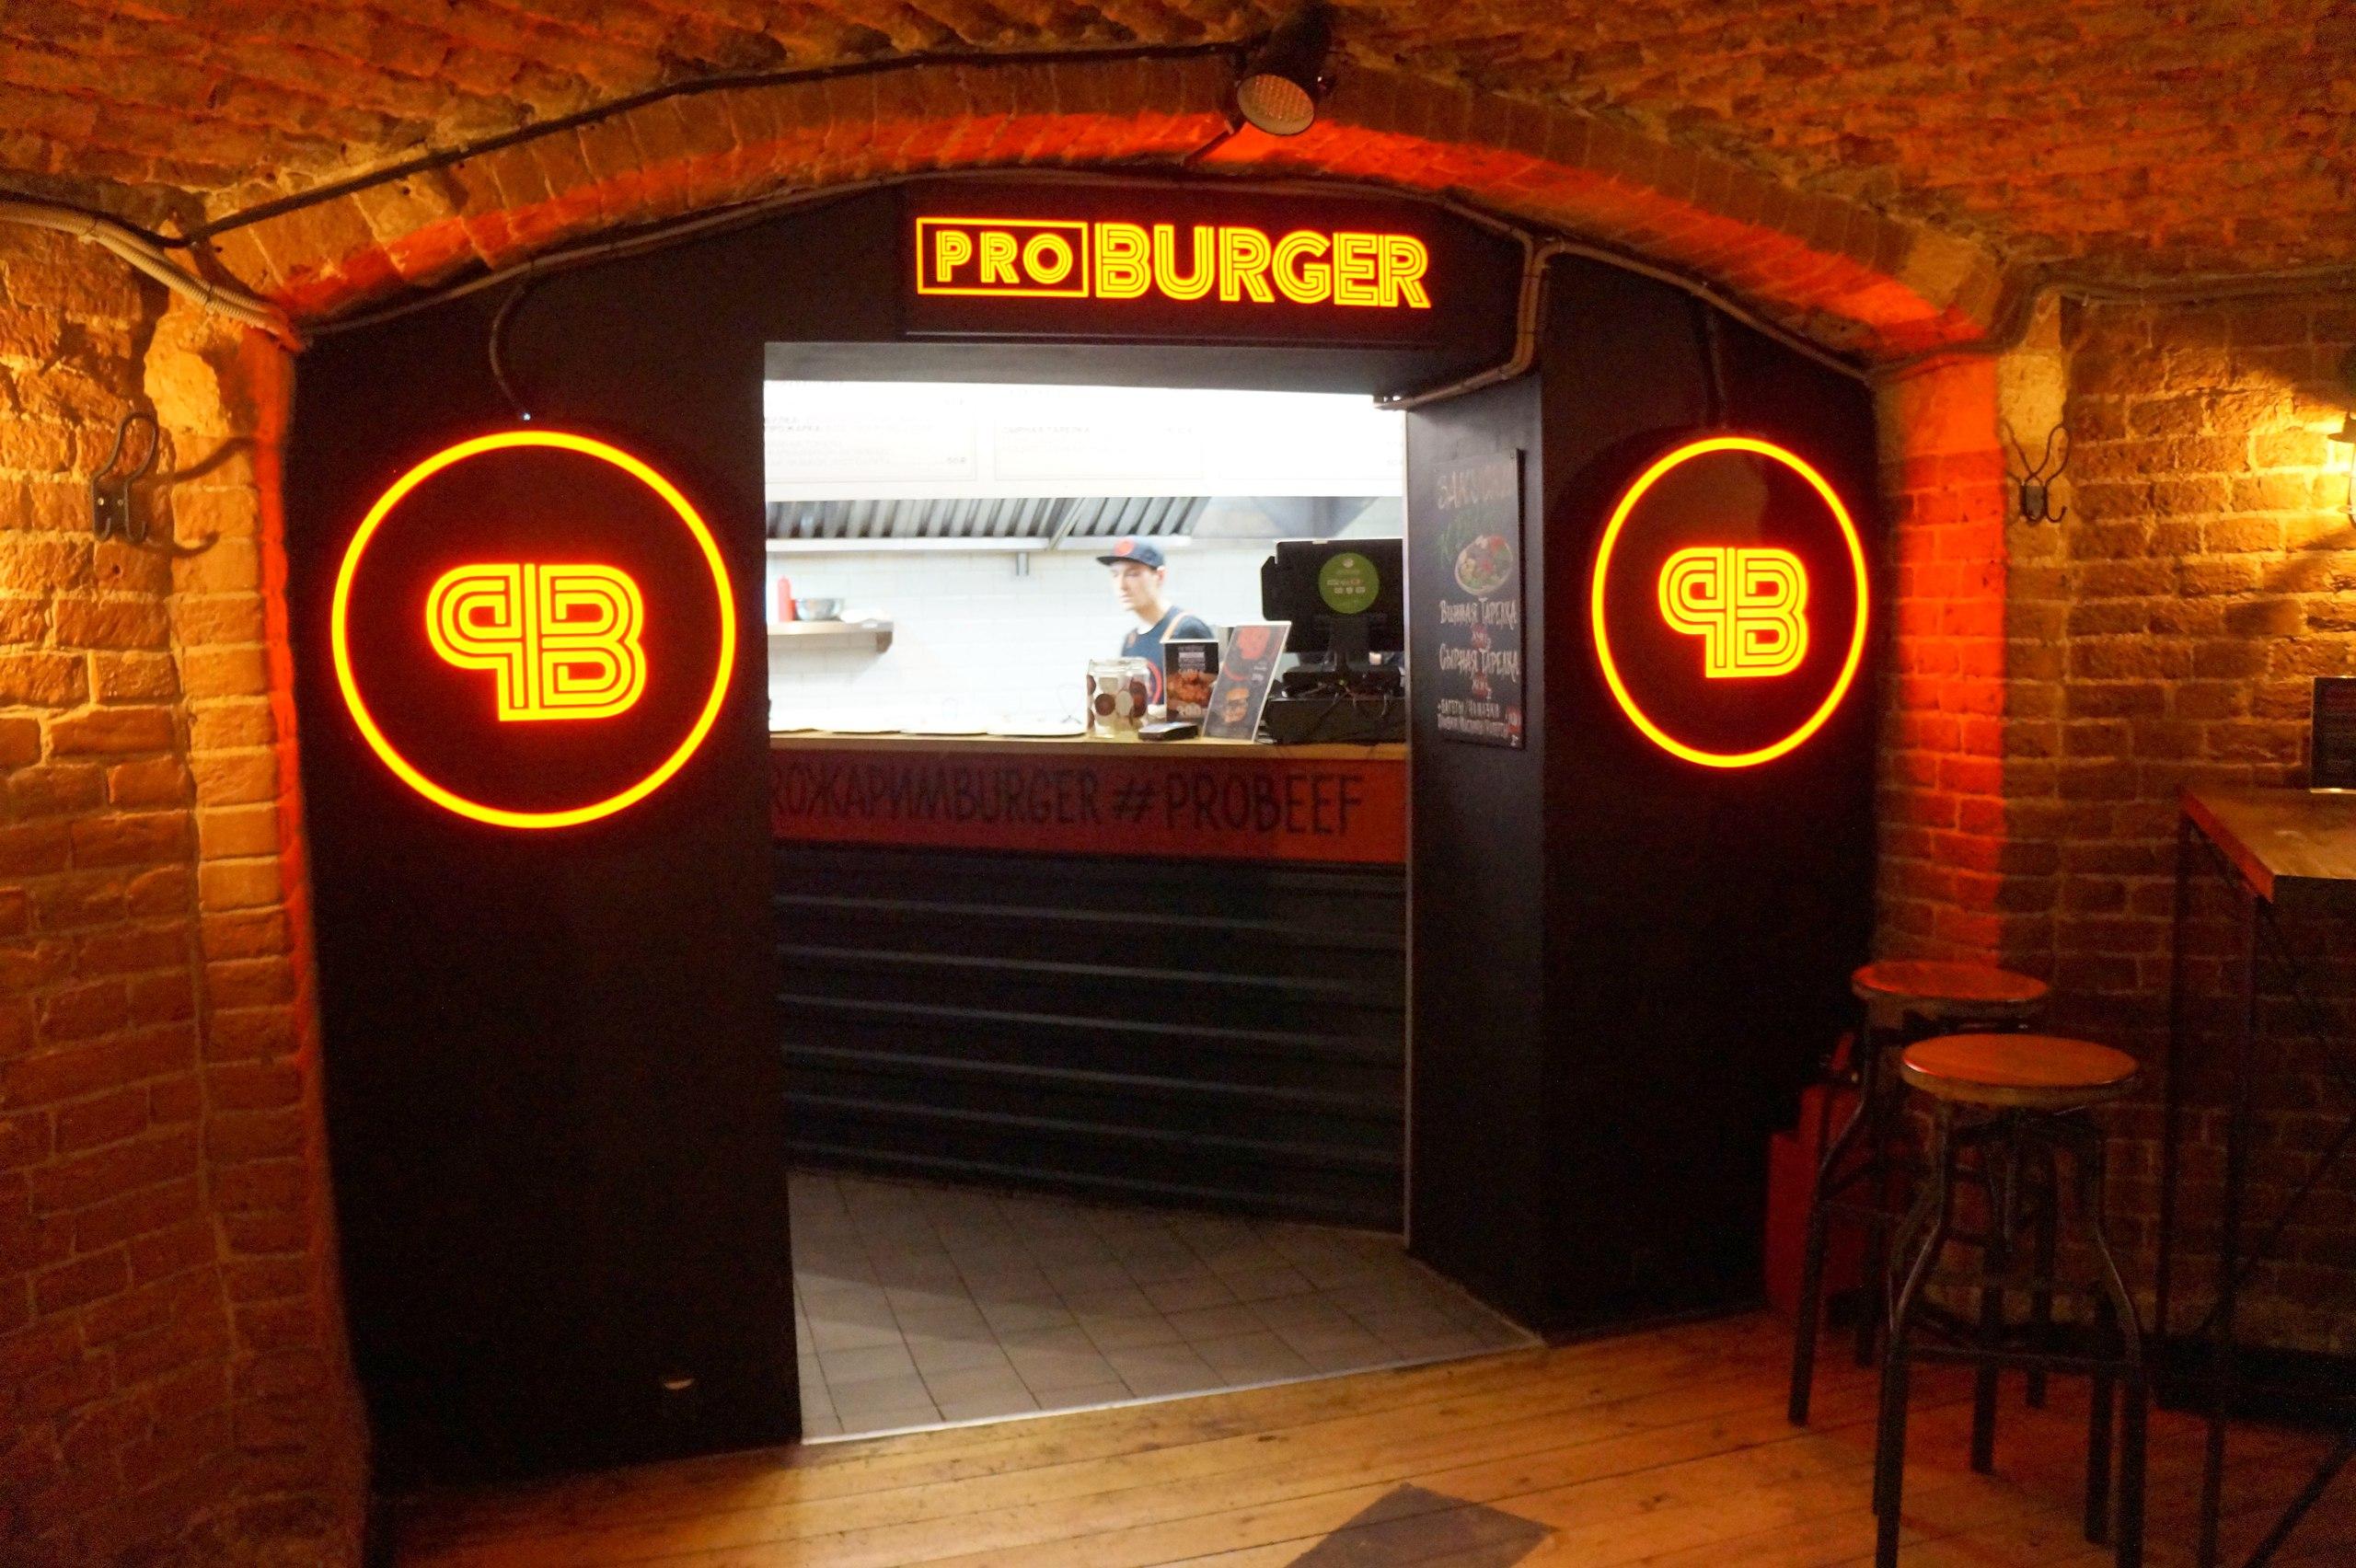 Бургерный обед в ProBurger балла, Бургеры, стоит, можно, выбора, рублей, Время, бургер, заведений, Джагганат, Общее, Обстановка, Гостеприимство, Авторская, Общая, оценка, баллов, данном, впечатление, Подача